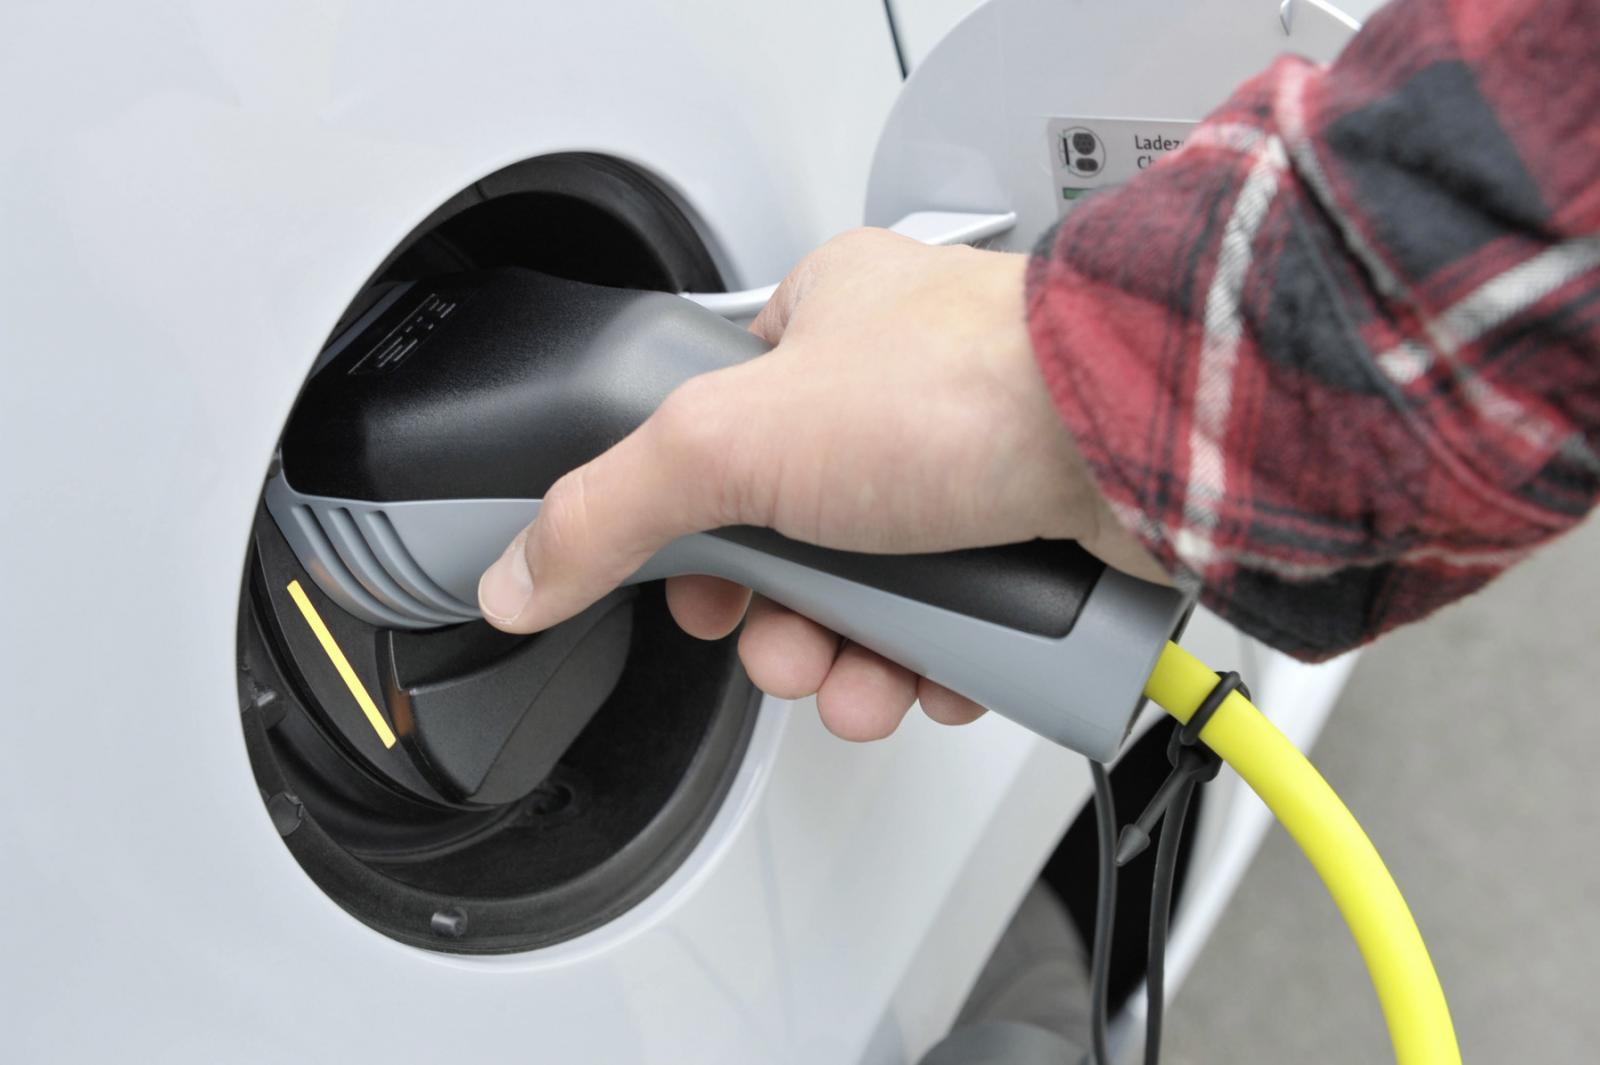 Contrario a lo que muchos creen, recargar la batería de un auto eléctrico es fácil y rápido